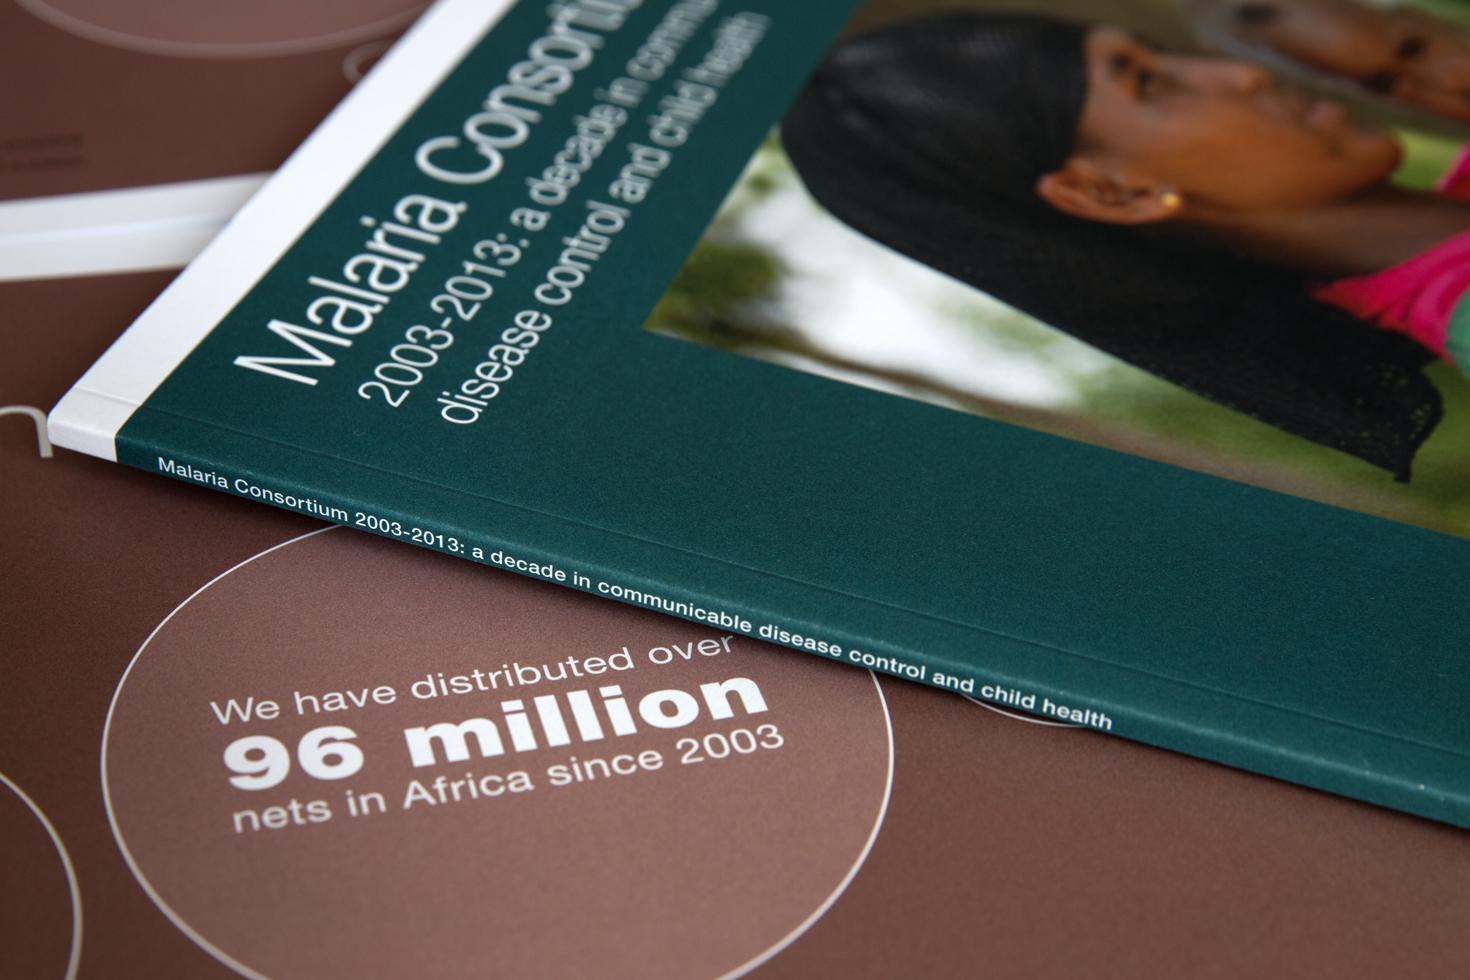 Malaria Consortium report cover